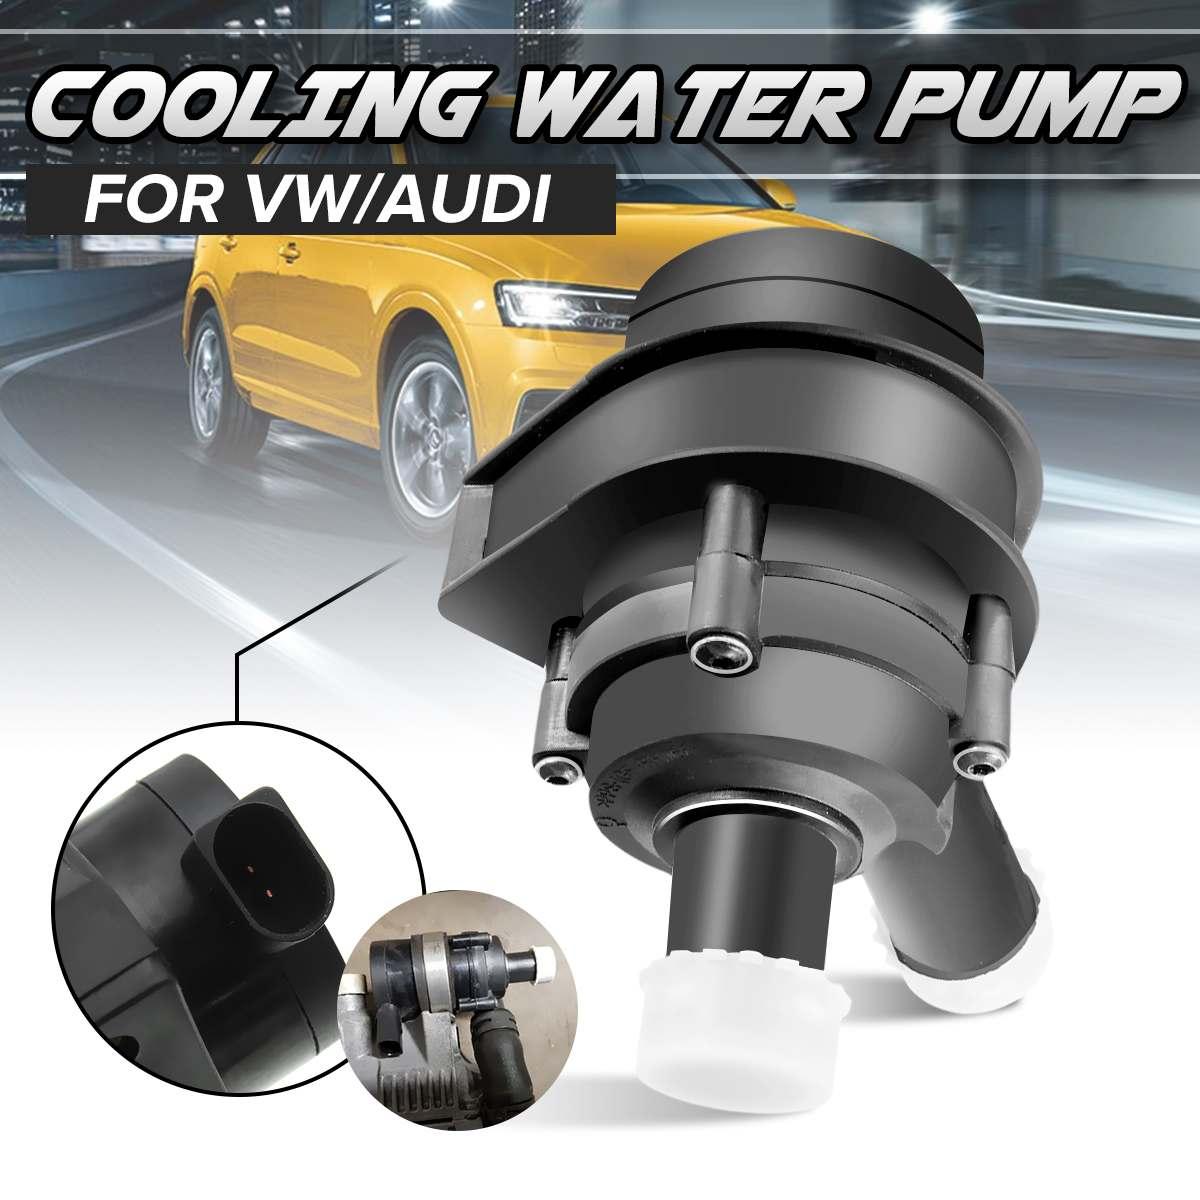 車のエンジン冷却追加補助水ポンプ 1K0965561J 1K0 965 561 J Vw パサート B5 B6 ジェッタゴルフ Cc アウディ A3